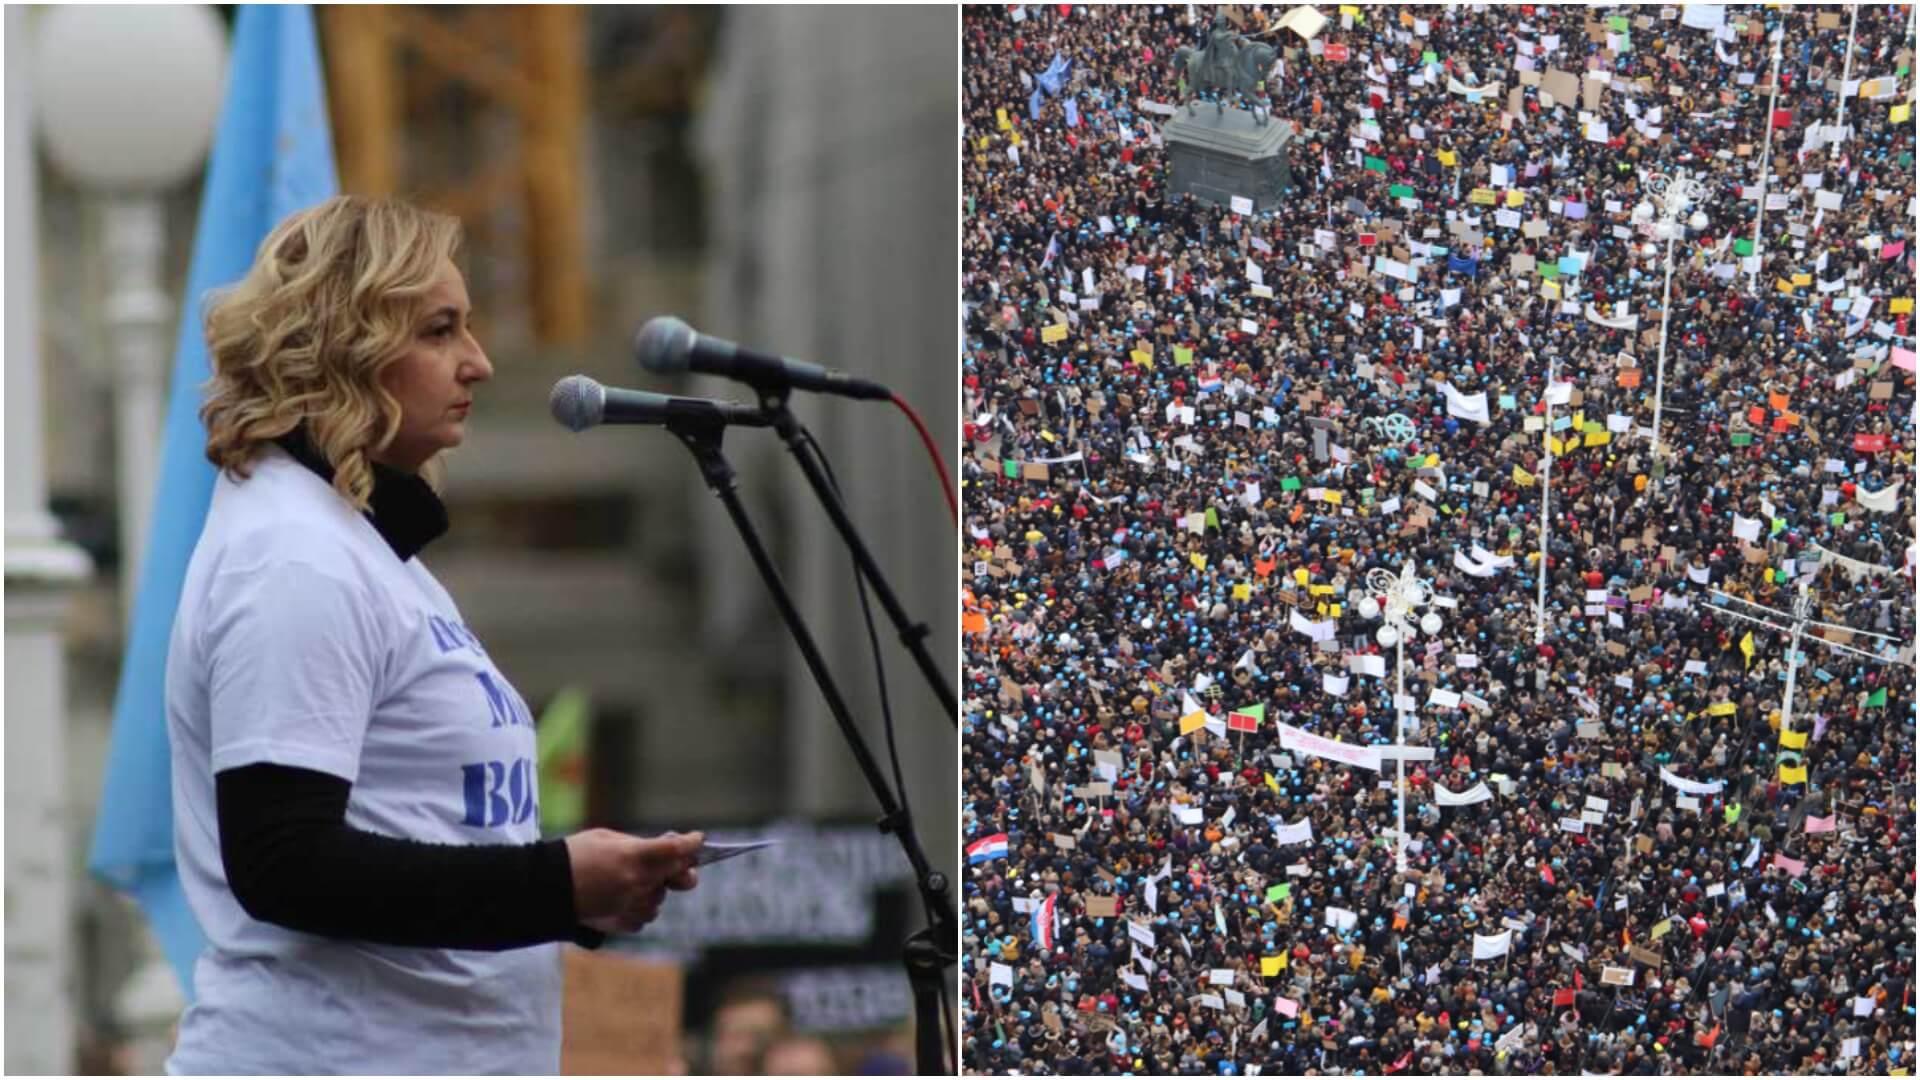 Prošlo je godinu dana od velikog prosvjeda nastavnika; Šprem: 'To zajedništvo pamtit ću dok sam živa'